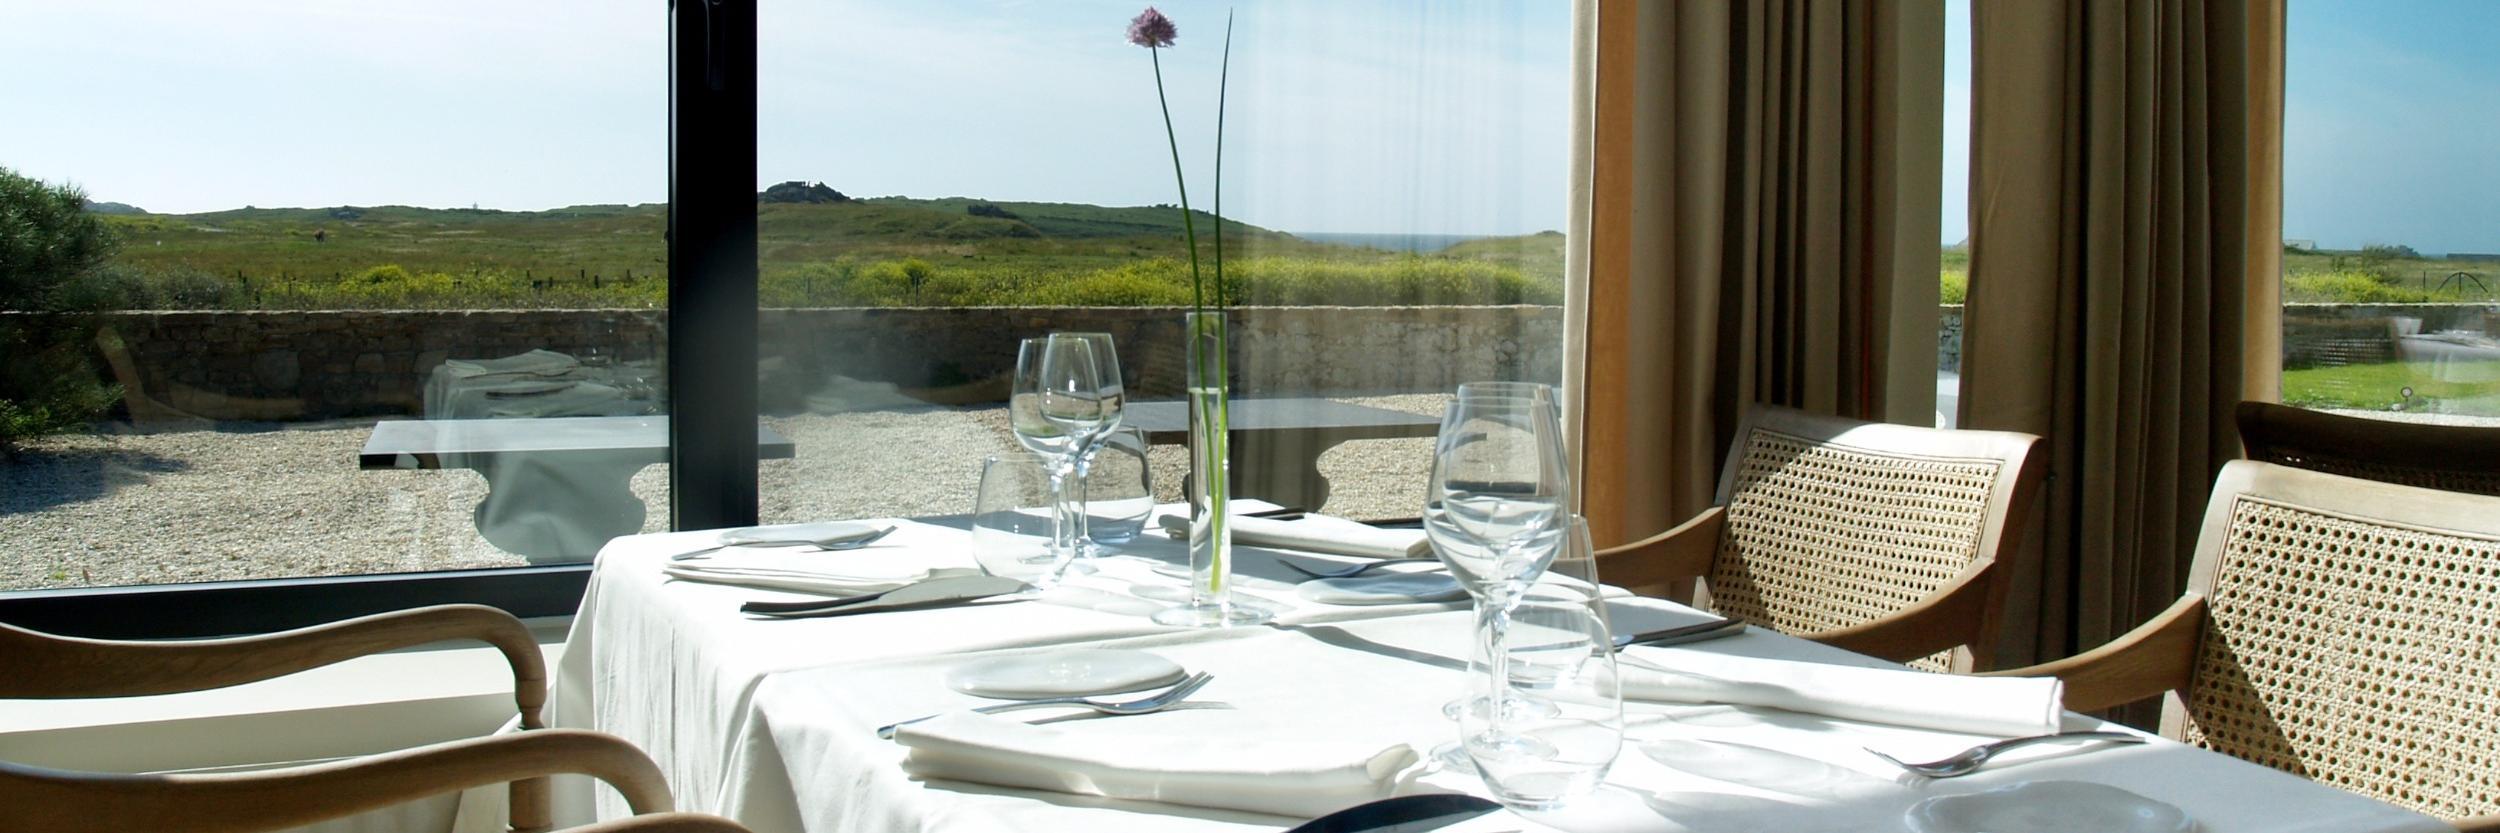 restaurant logis h tel le ch teau de sable restaurant. Black Bedroom Furniture Sets. Home Design Ideas